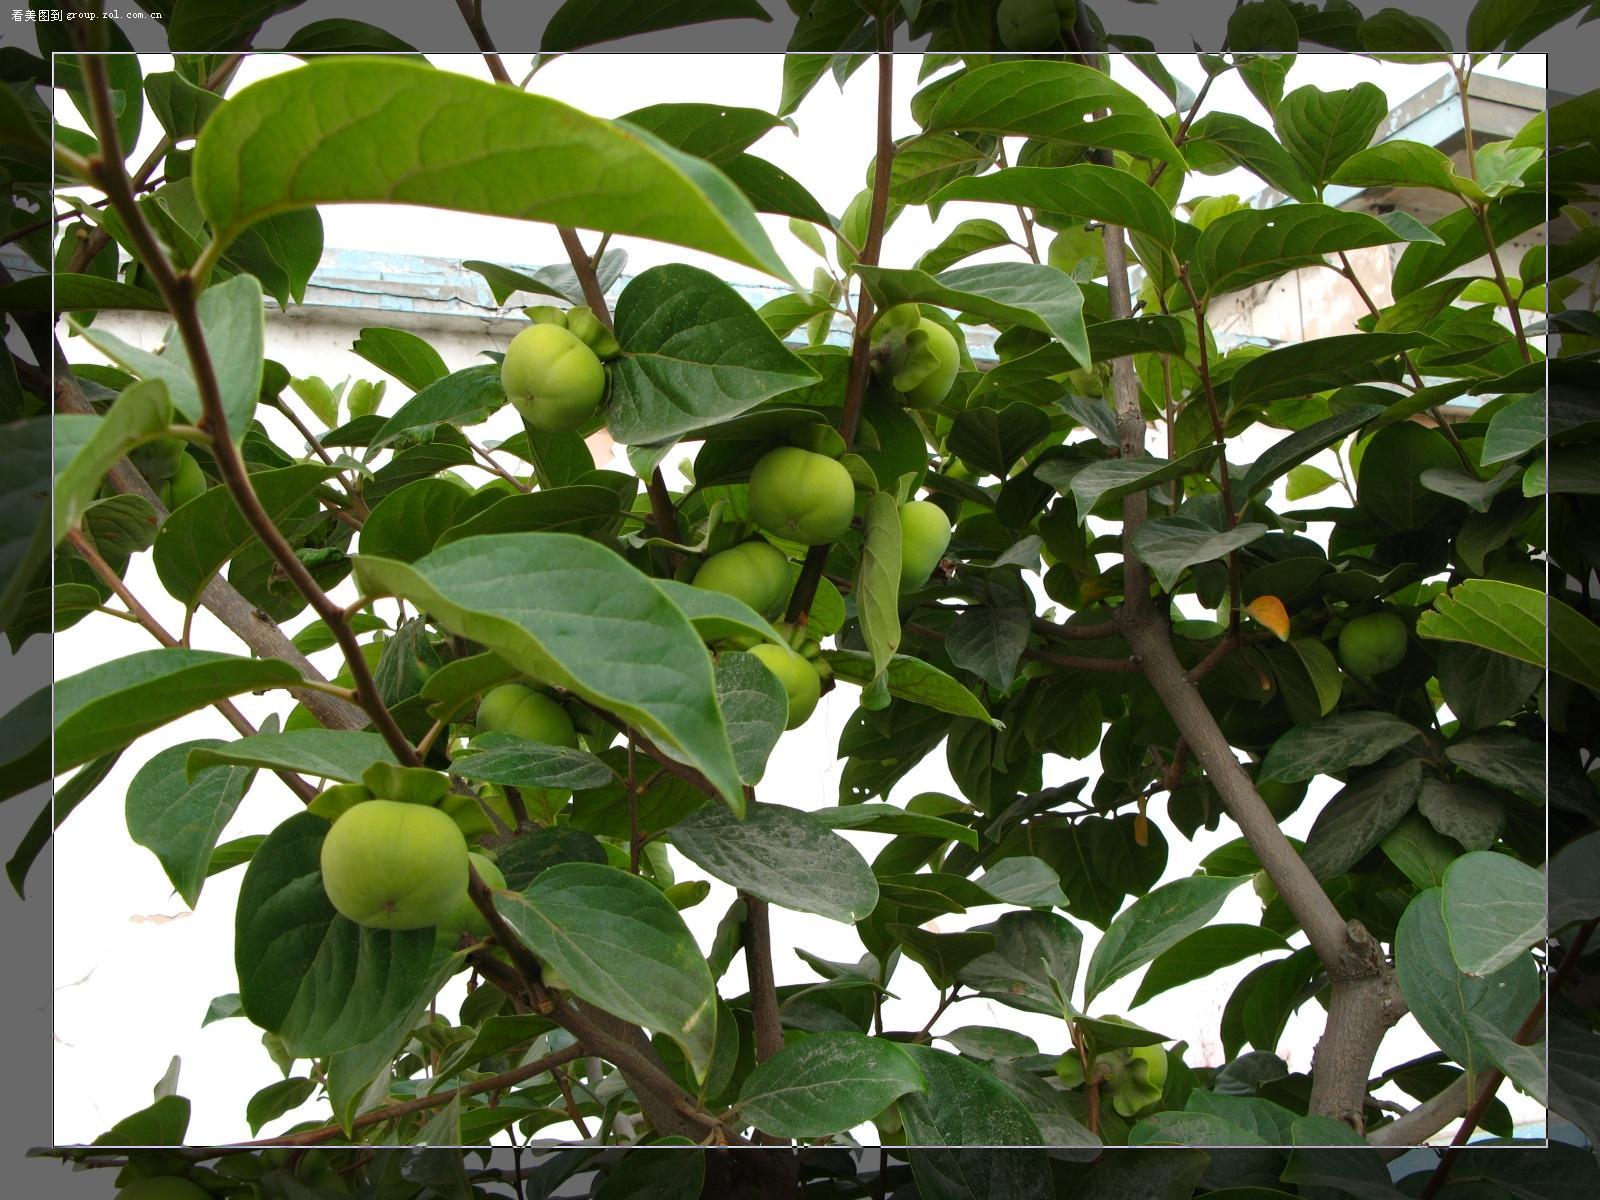 壁纸 果树 花 树 植物 桌面 1600_1200